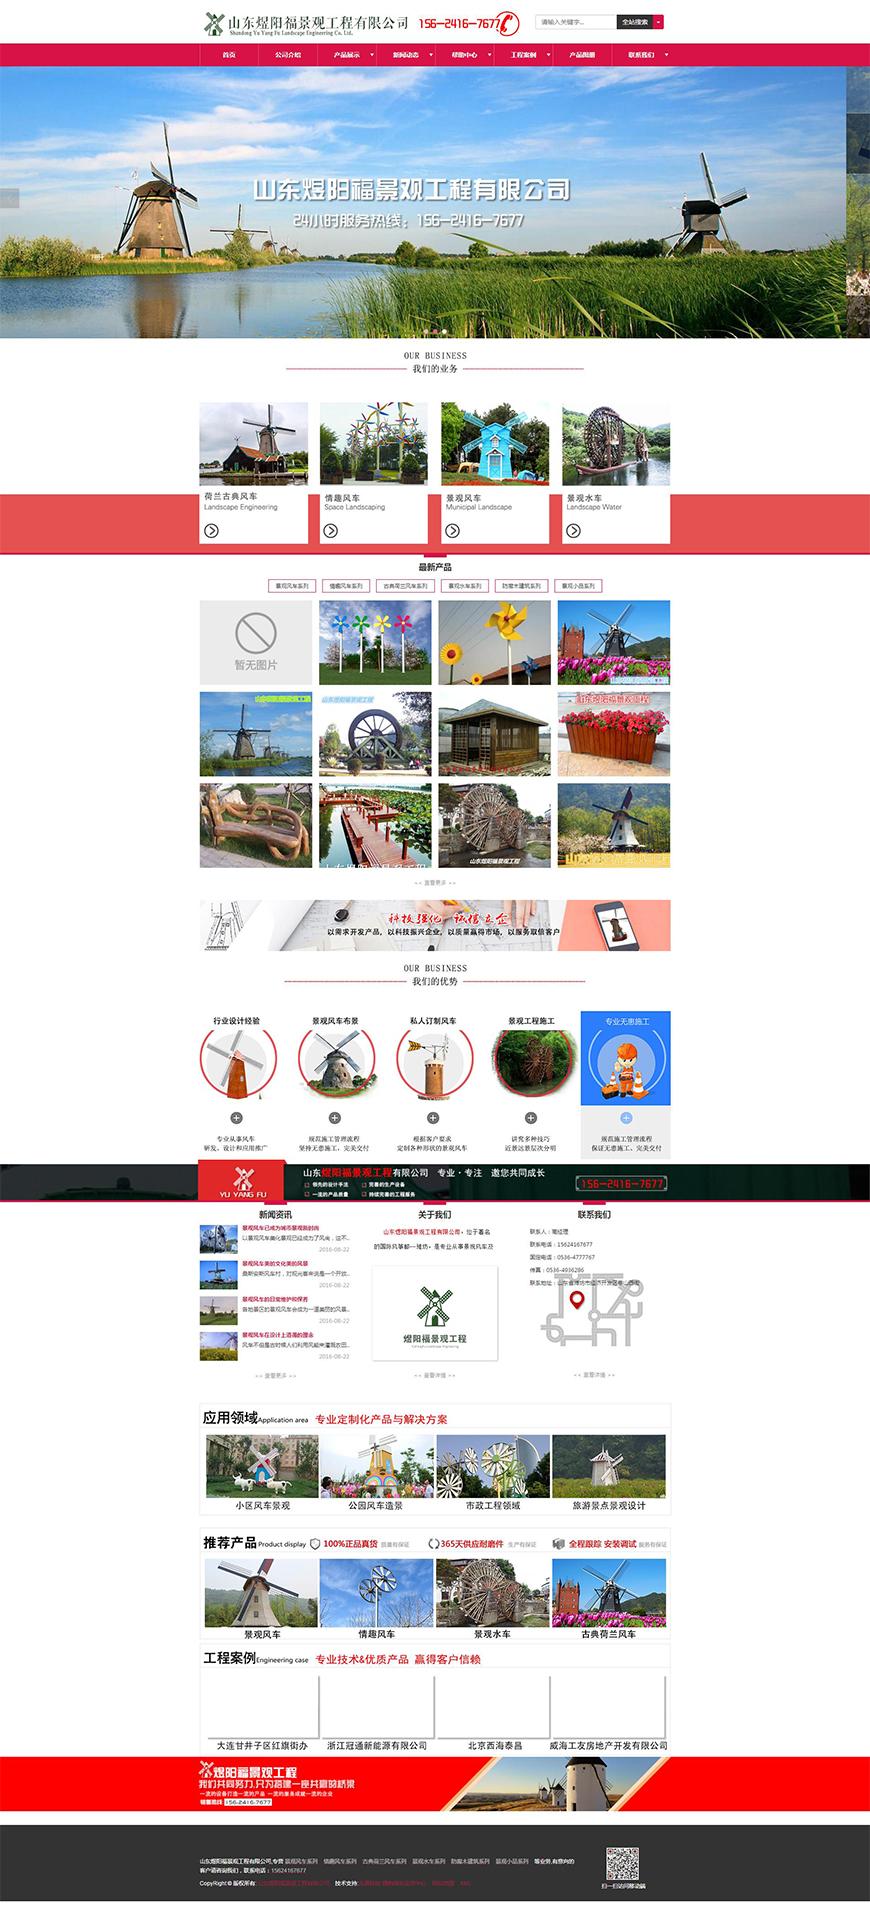 景观工程.jpg